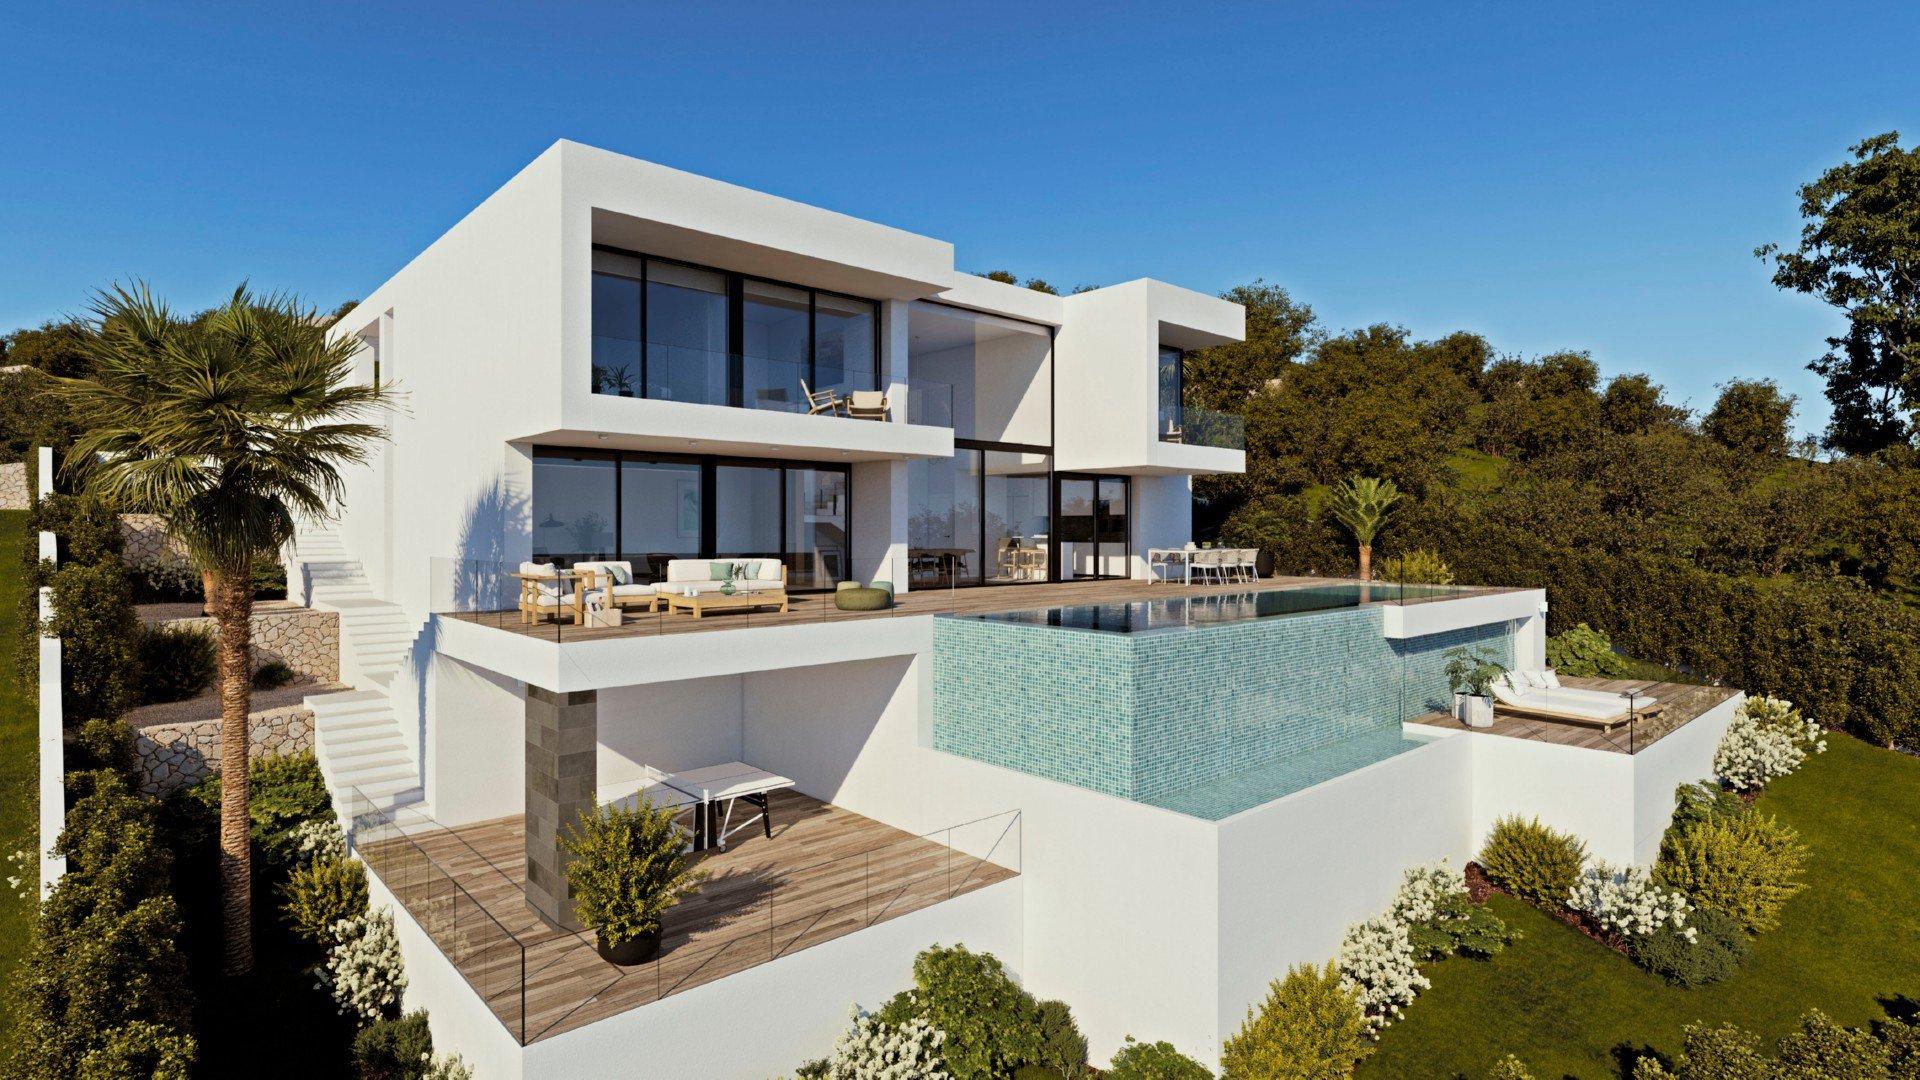 Exclusieve en moderne villa met panoramisch uitzicht op zee